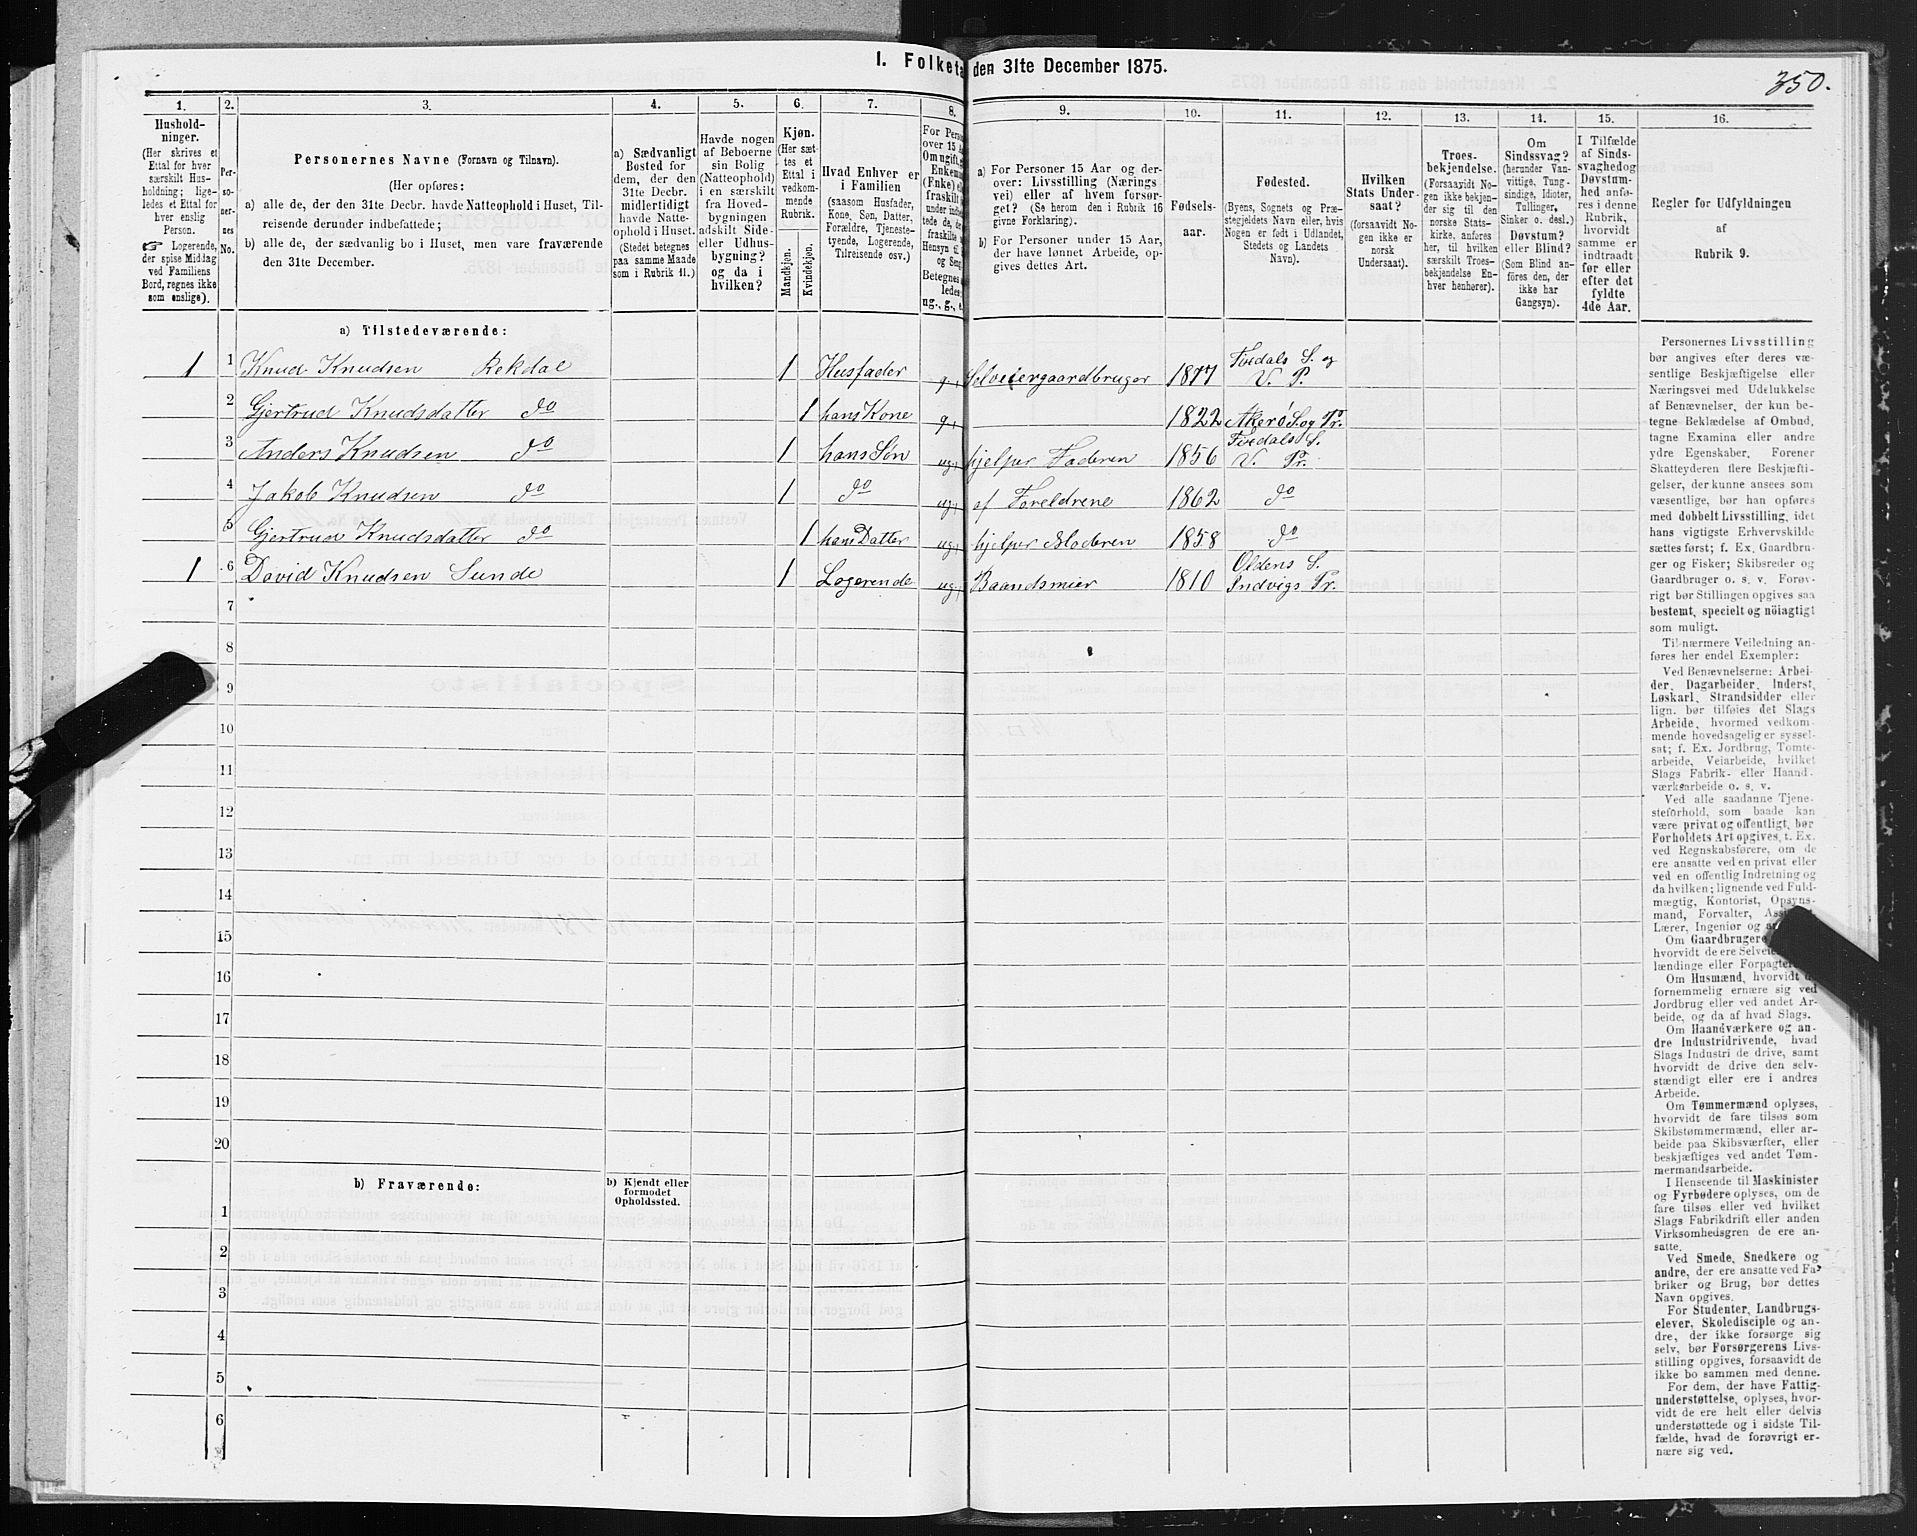 SAT, Folketelling 1875 for 1535P Vestnes prestegjeld, 1875, s. 3350